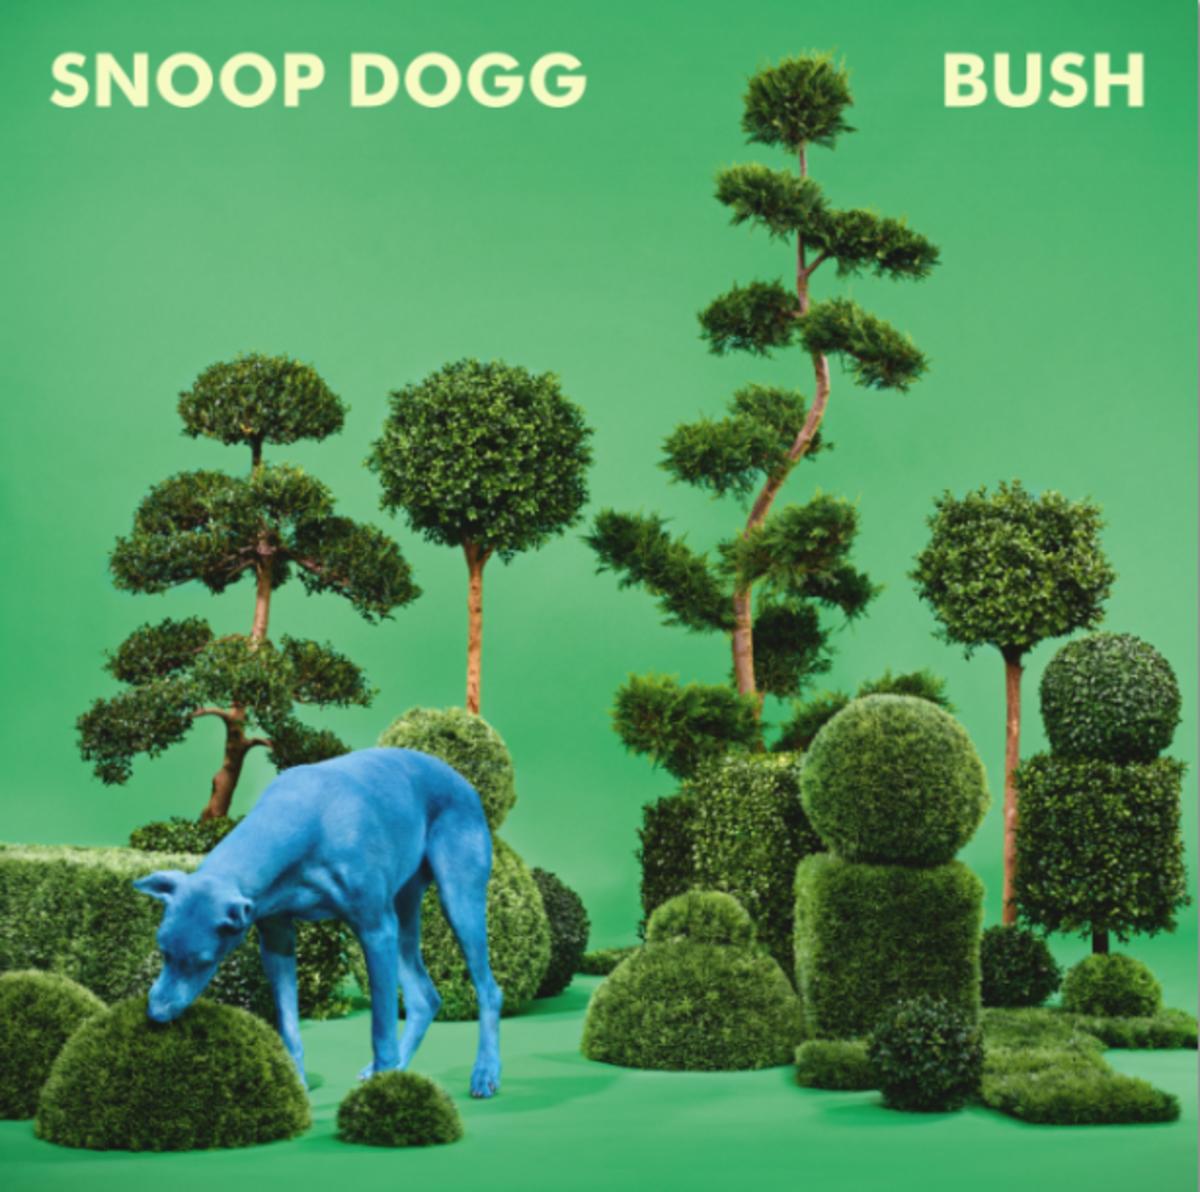 New Snoop Dogg Album Going Electro Retro